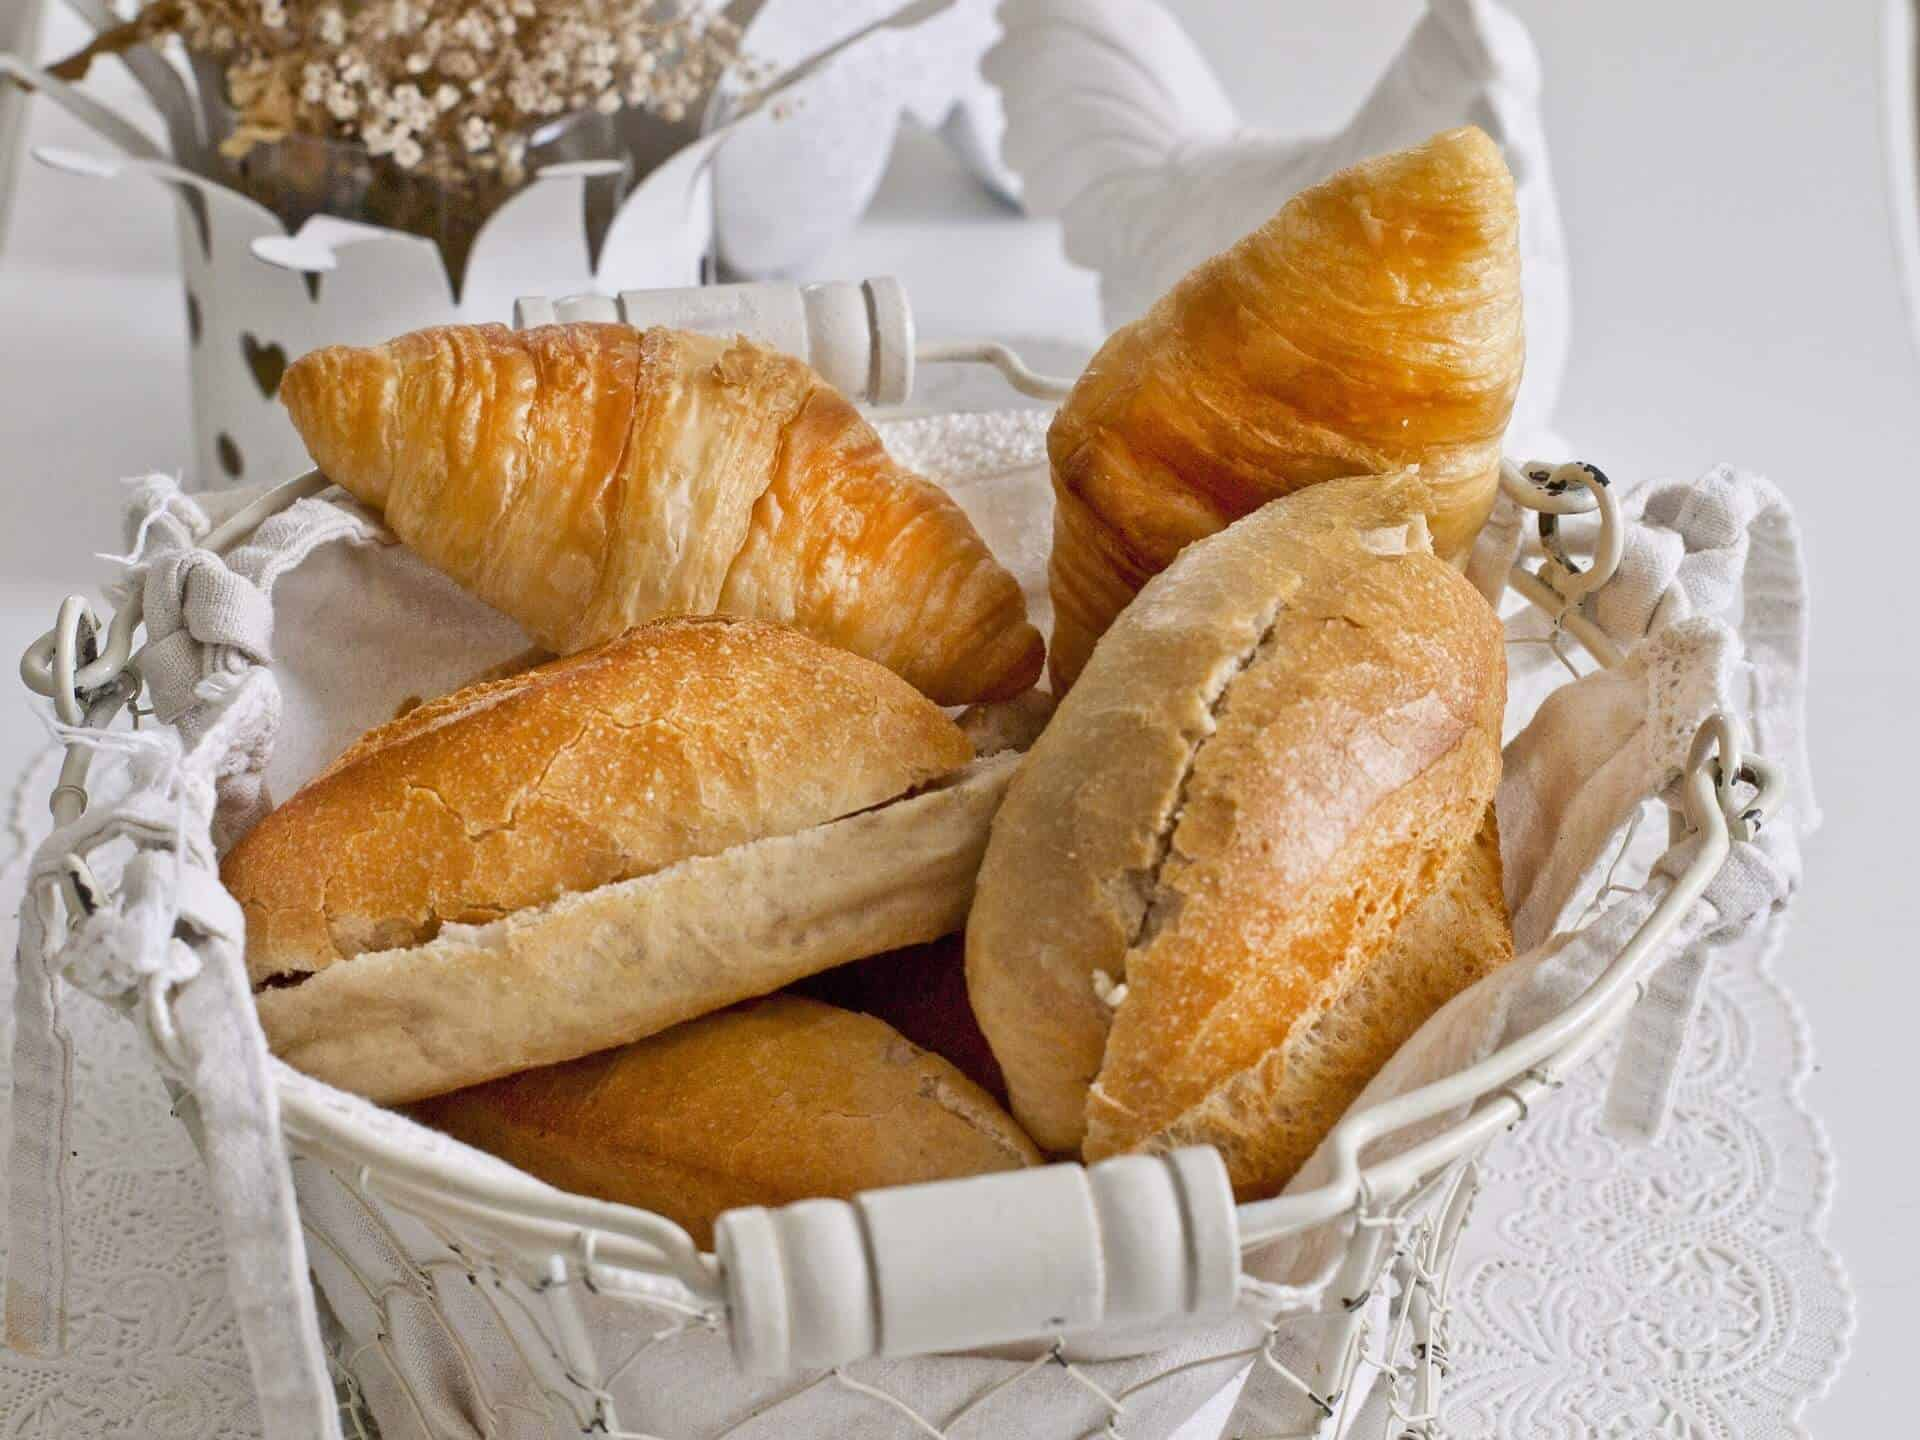 ארוחת בוקר טובה באזור רמת גן